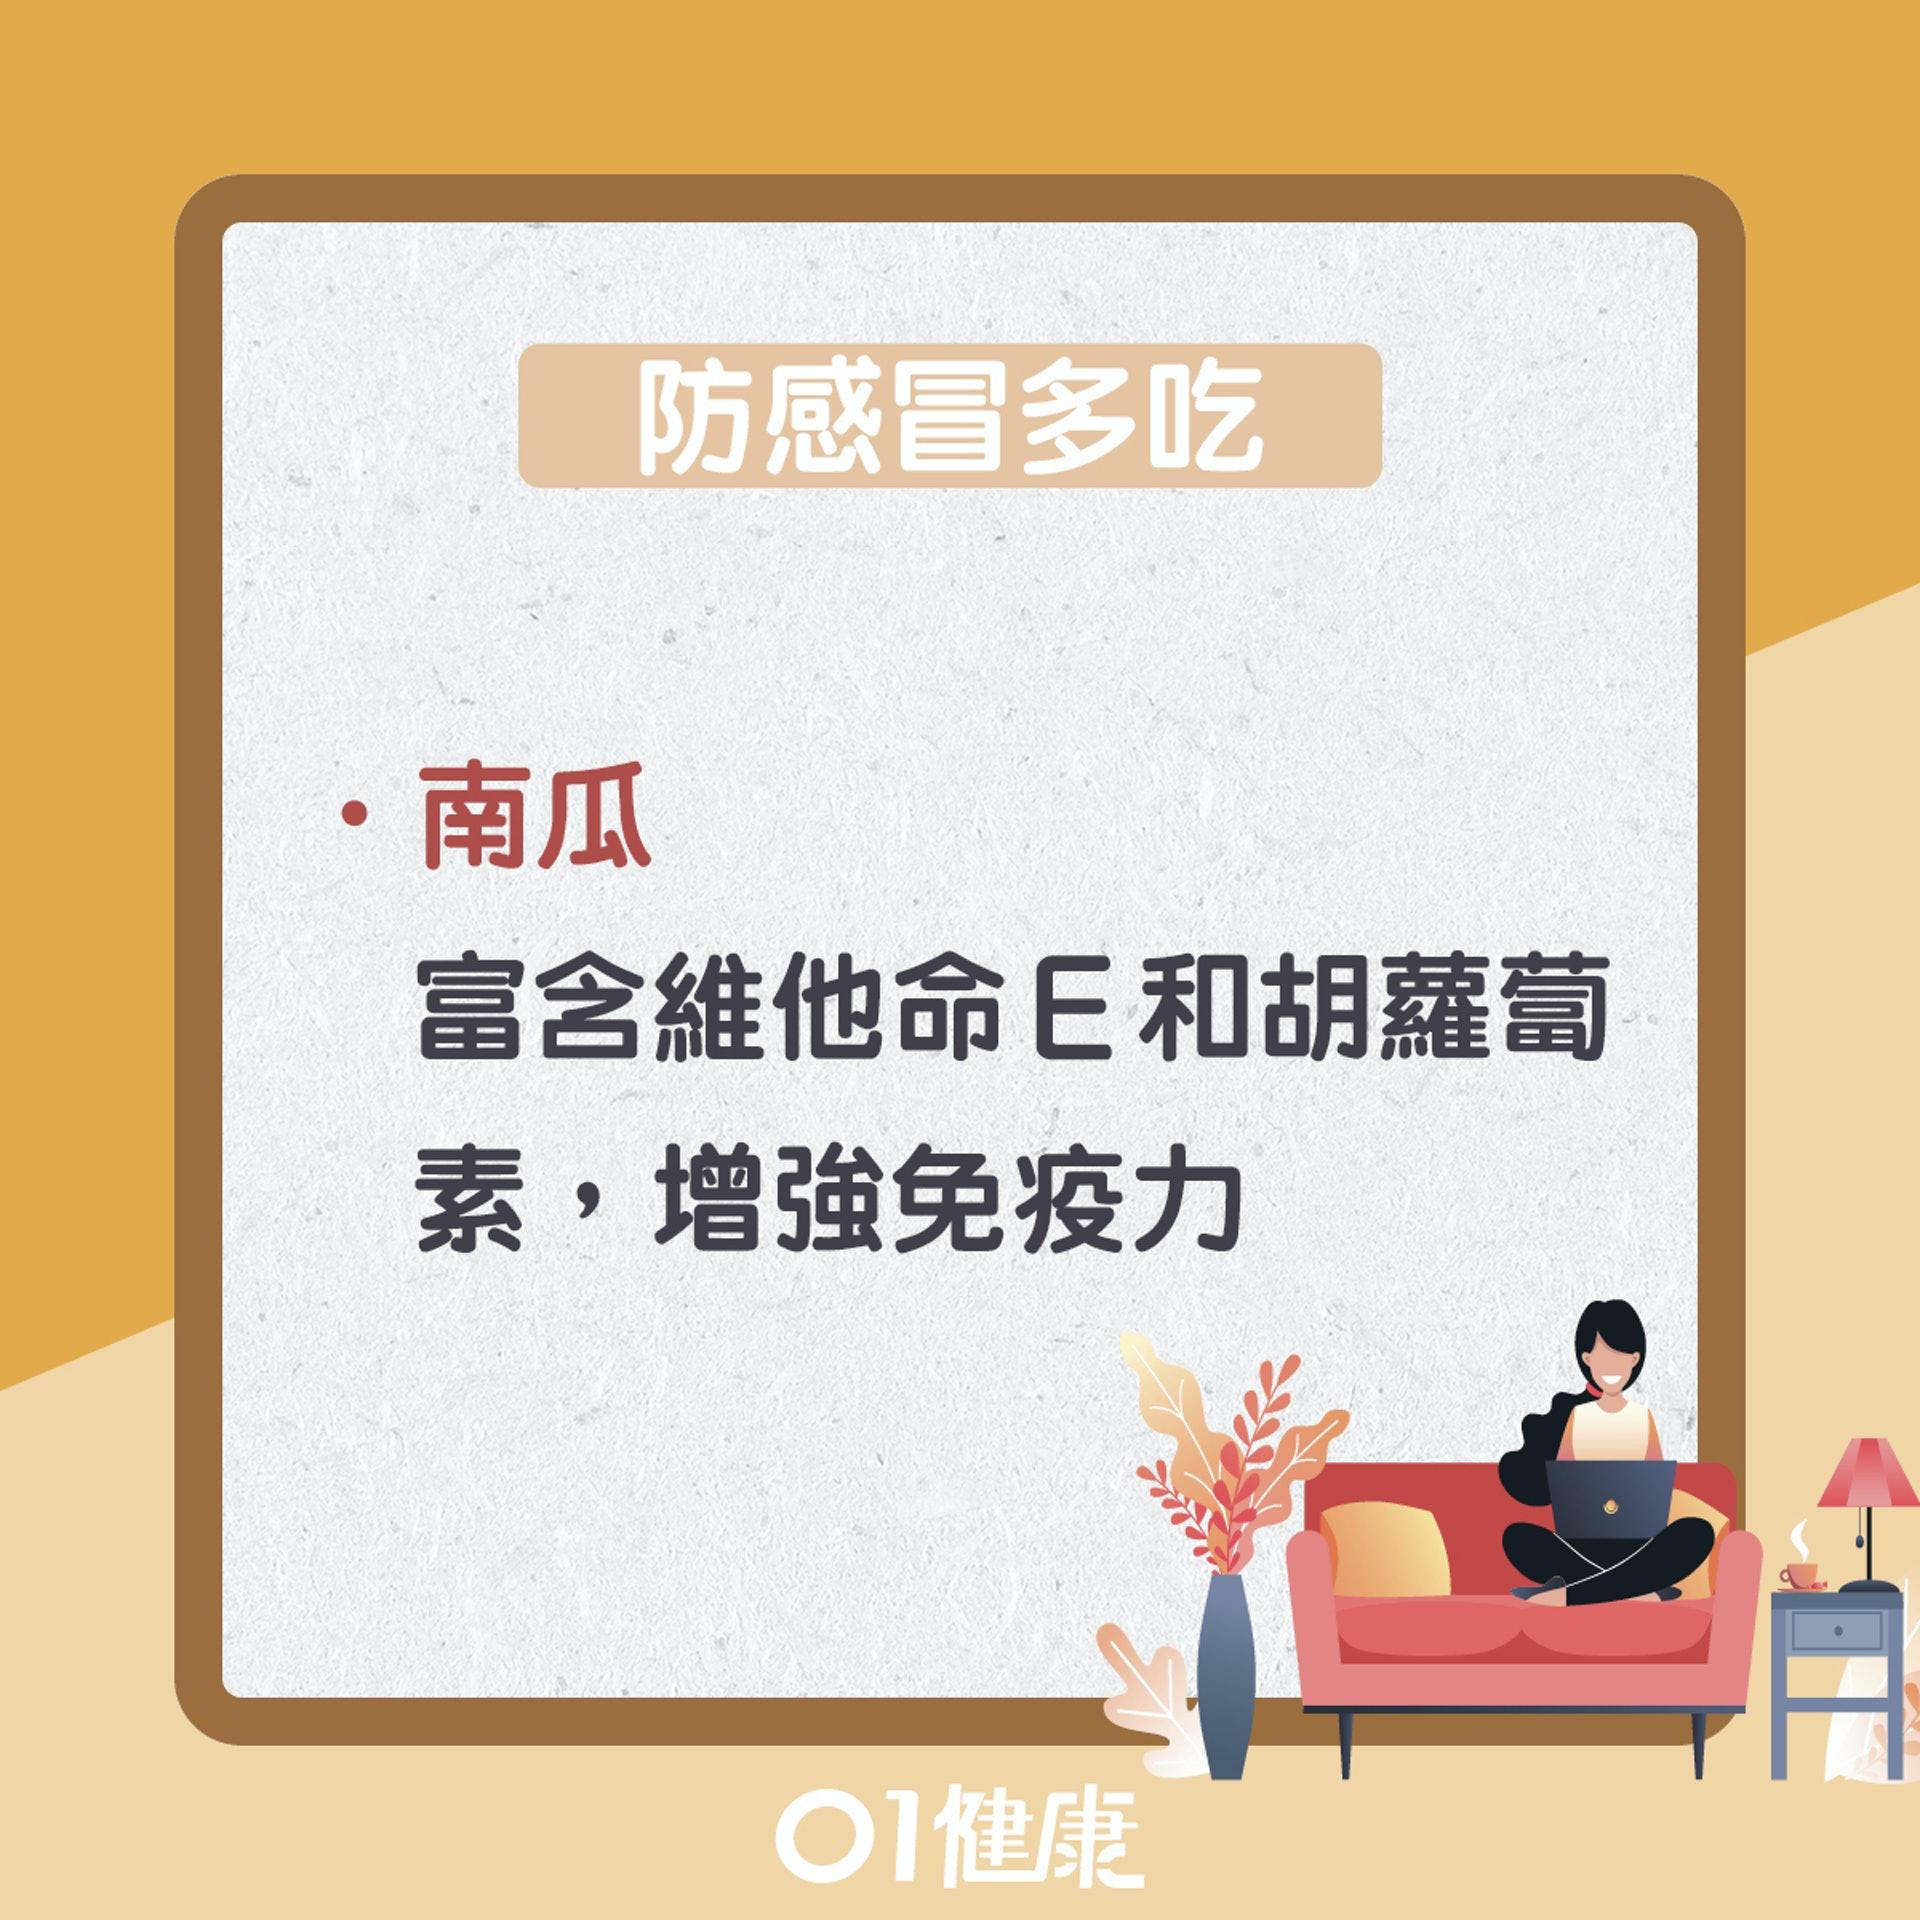 吃散寒食物防感冒(01製圖)